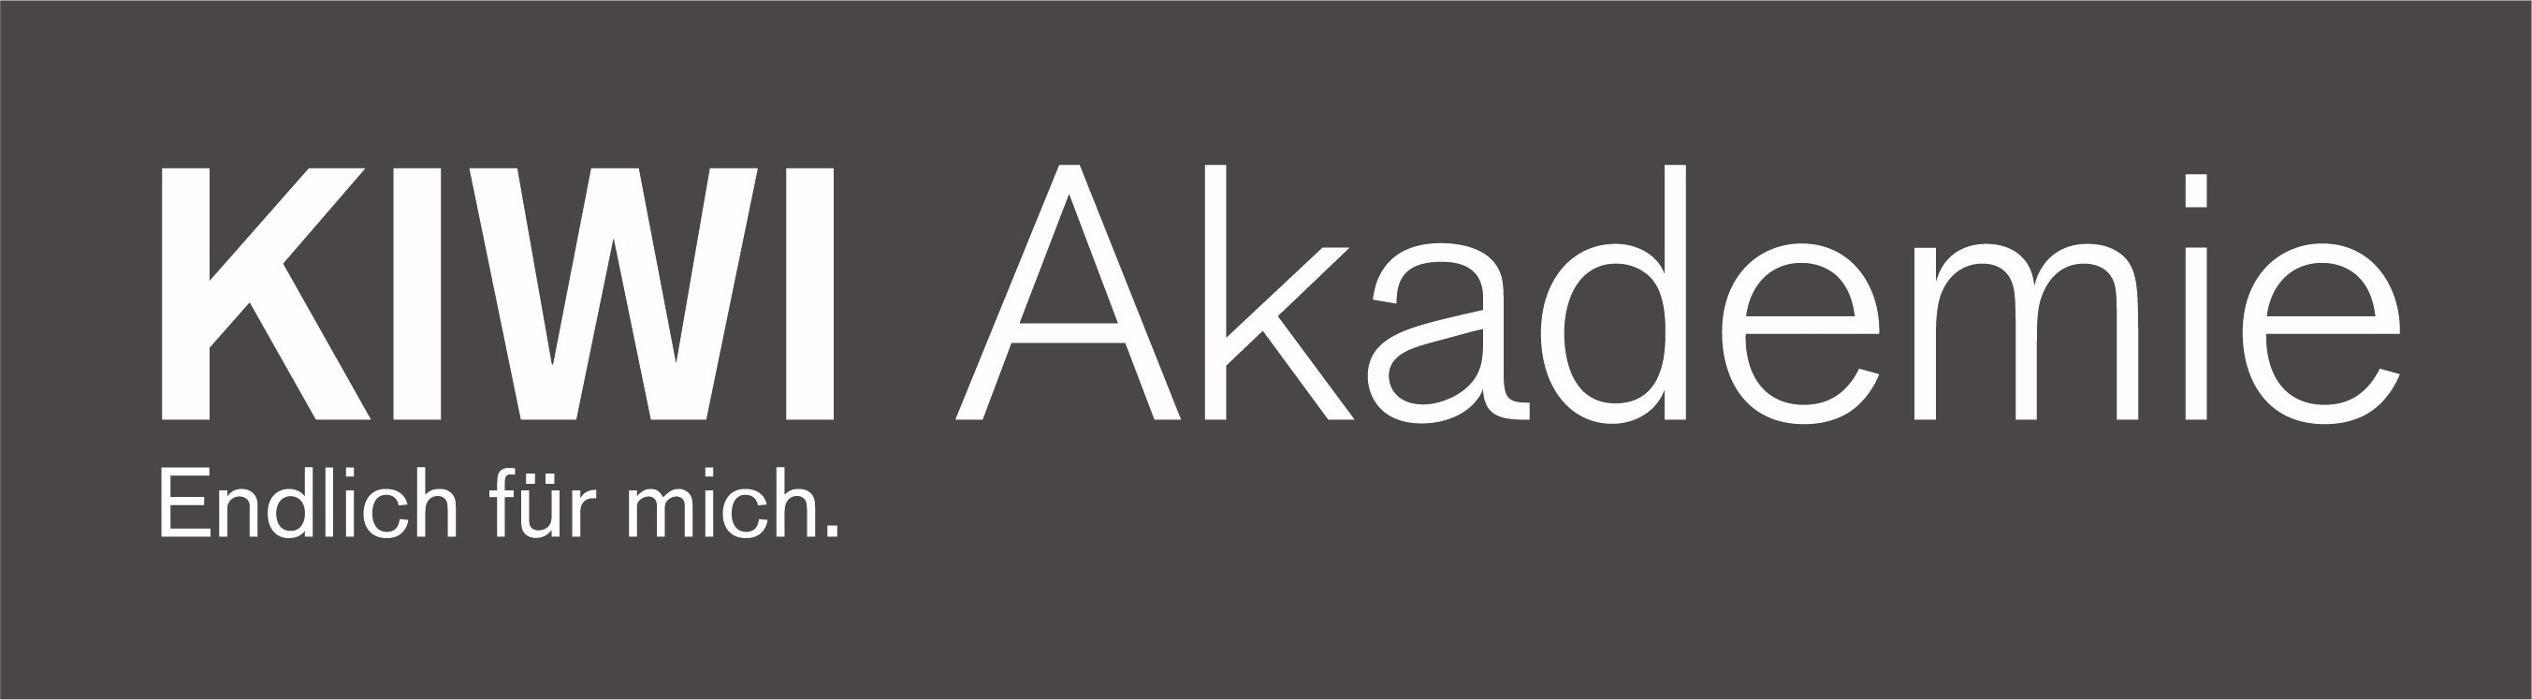 Bild zu KIWI Akademie GmbH & Co. KG in Leipzig